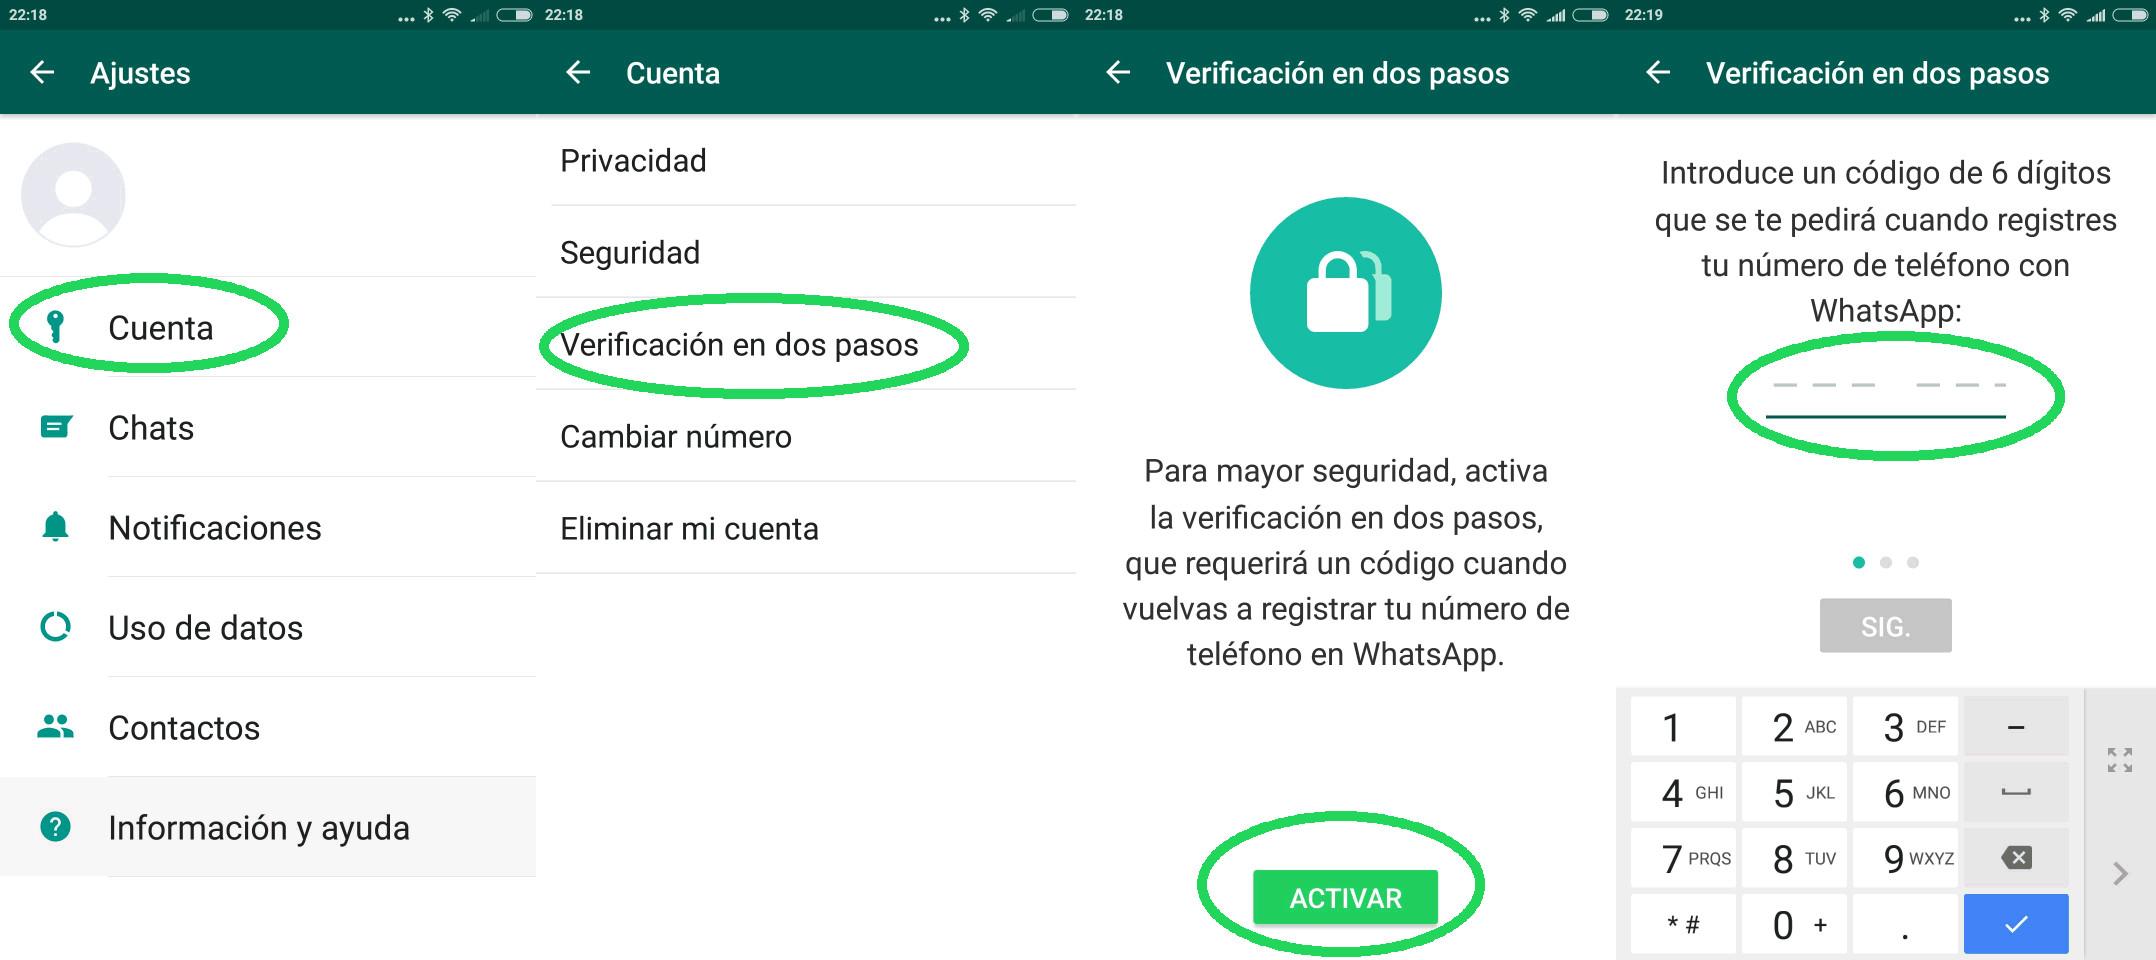 Cómo Activar una Cuenta de WhatsApp sin Número de Teléfono ni SIM - Muy Fácil   Mira Cómo Se Hace